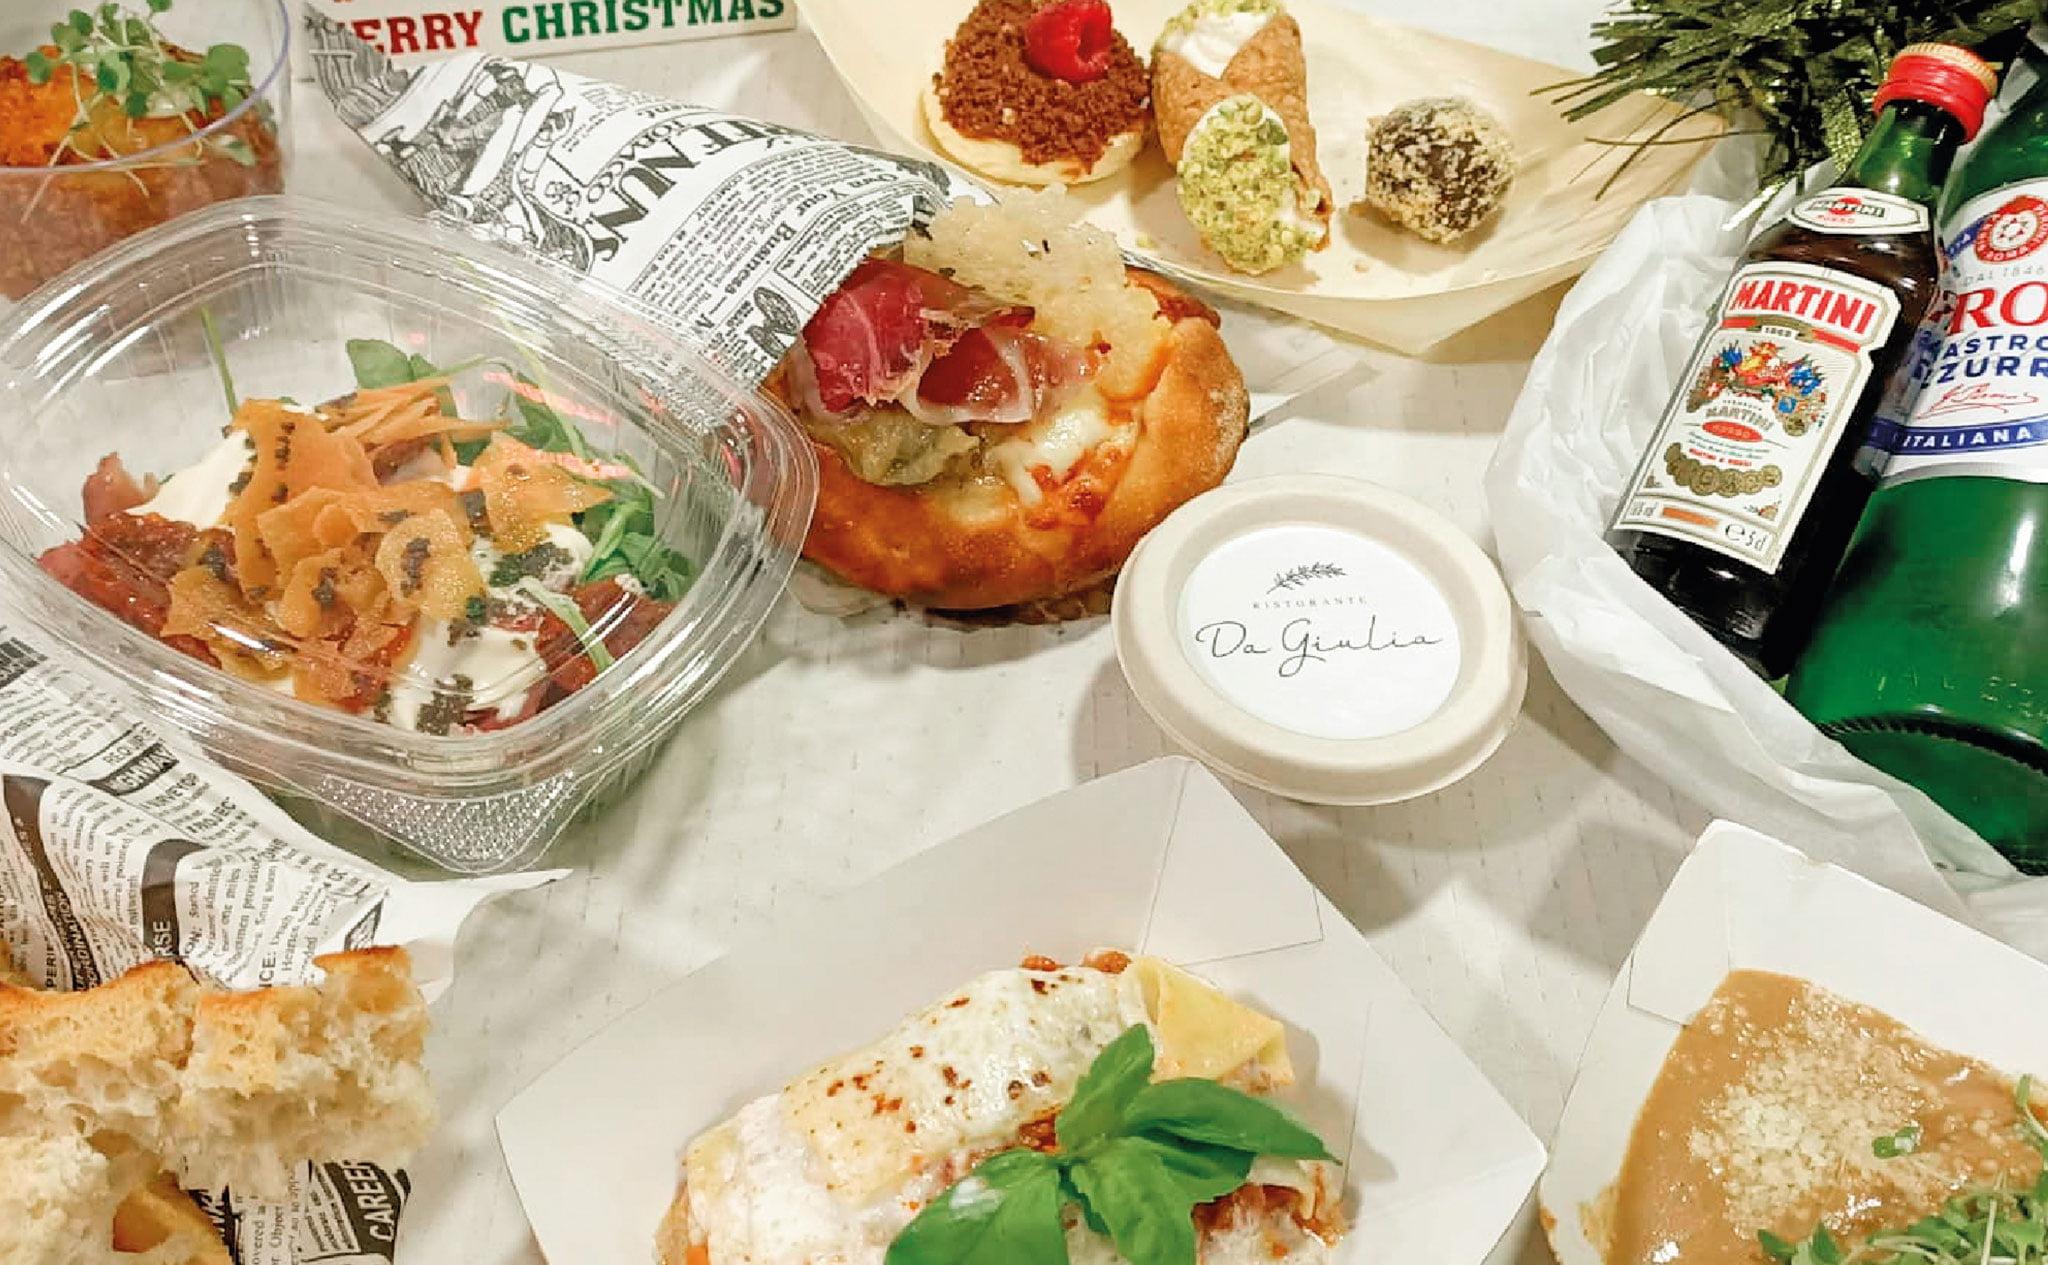 Menús degustación de Navidad en Jávea – Restaurante Da Giulia